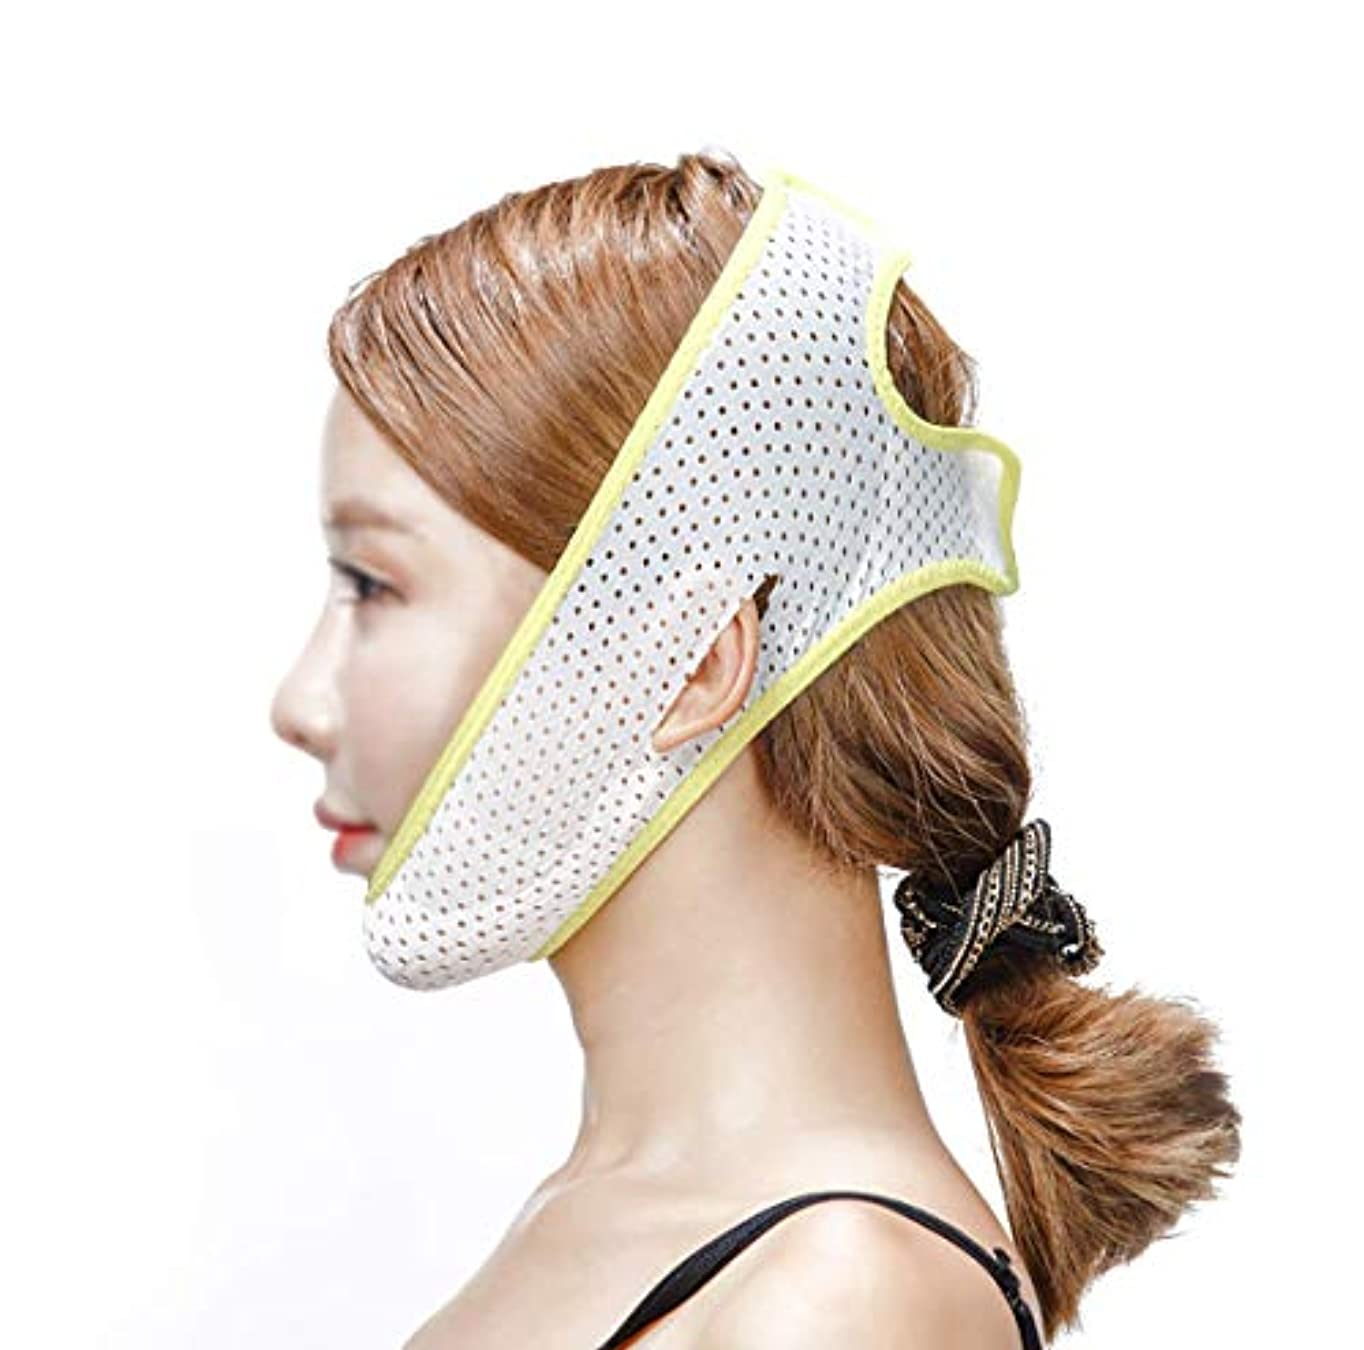 超高層ビル忙しい崖フェイスリフトマスク、あごストラップ回復包帯睡眠薄いフェイス包帯薄いフェイスマスクフェイスリフトアーチファクトフェイスリフトで小さなV顔を強化する美容マスク包帯(色:黄色と白)